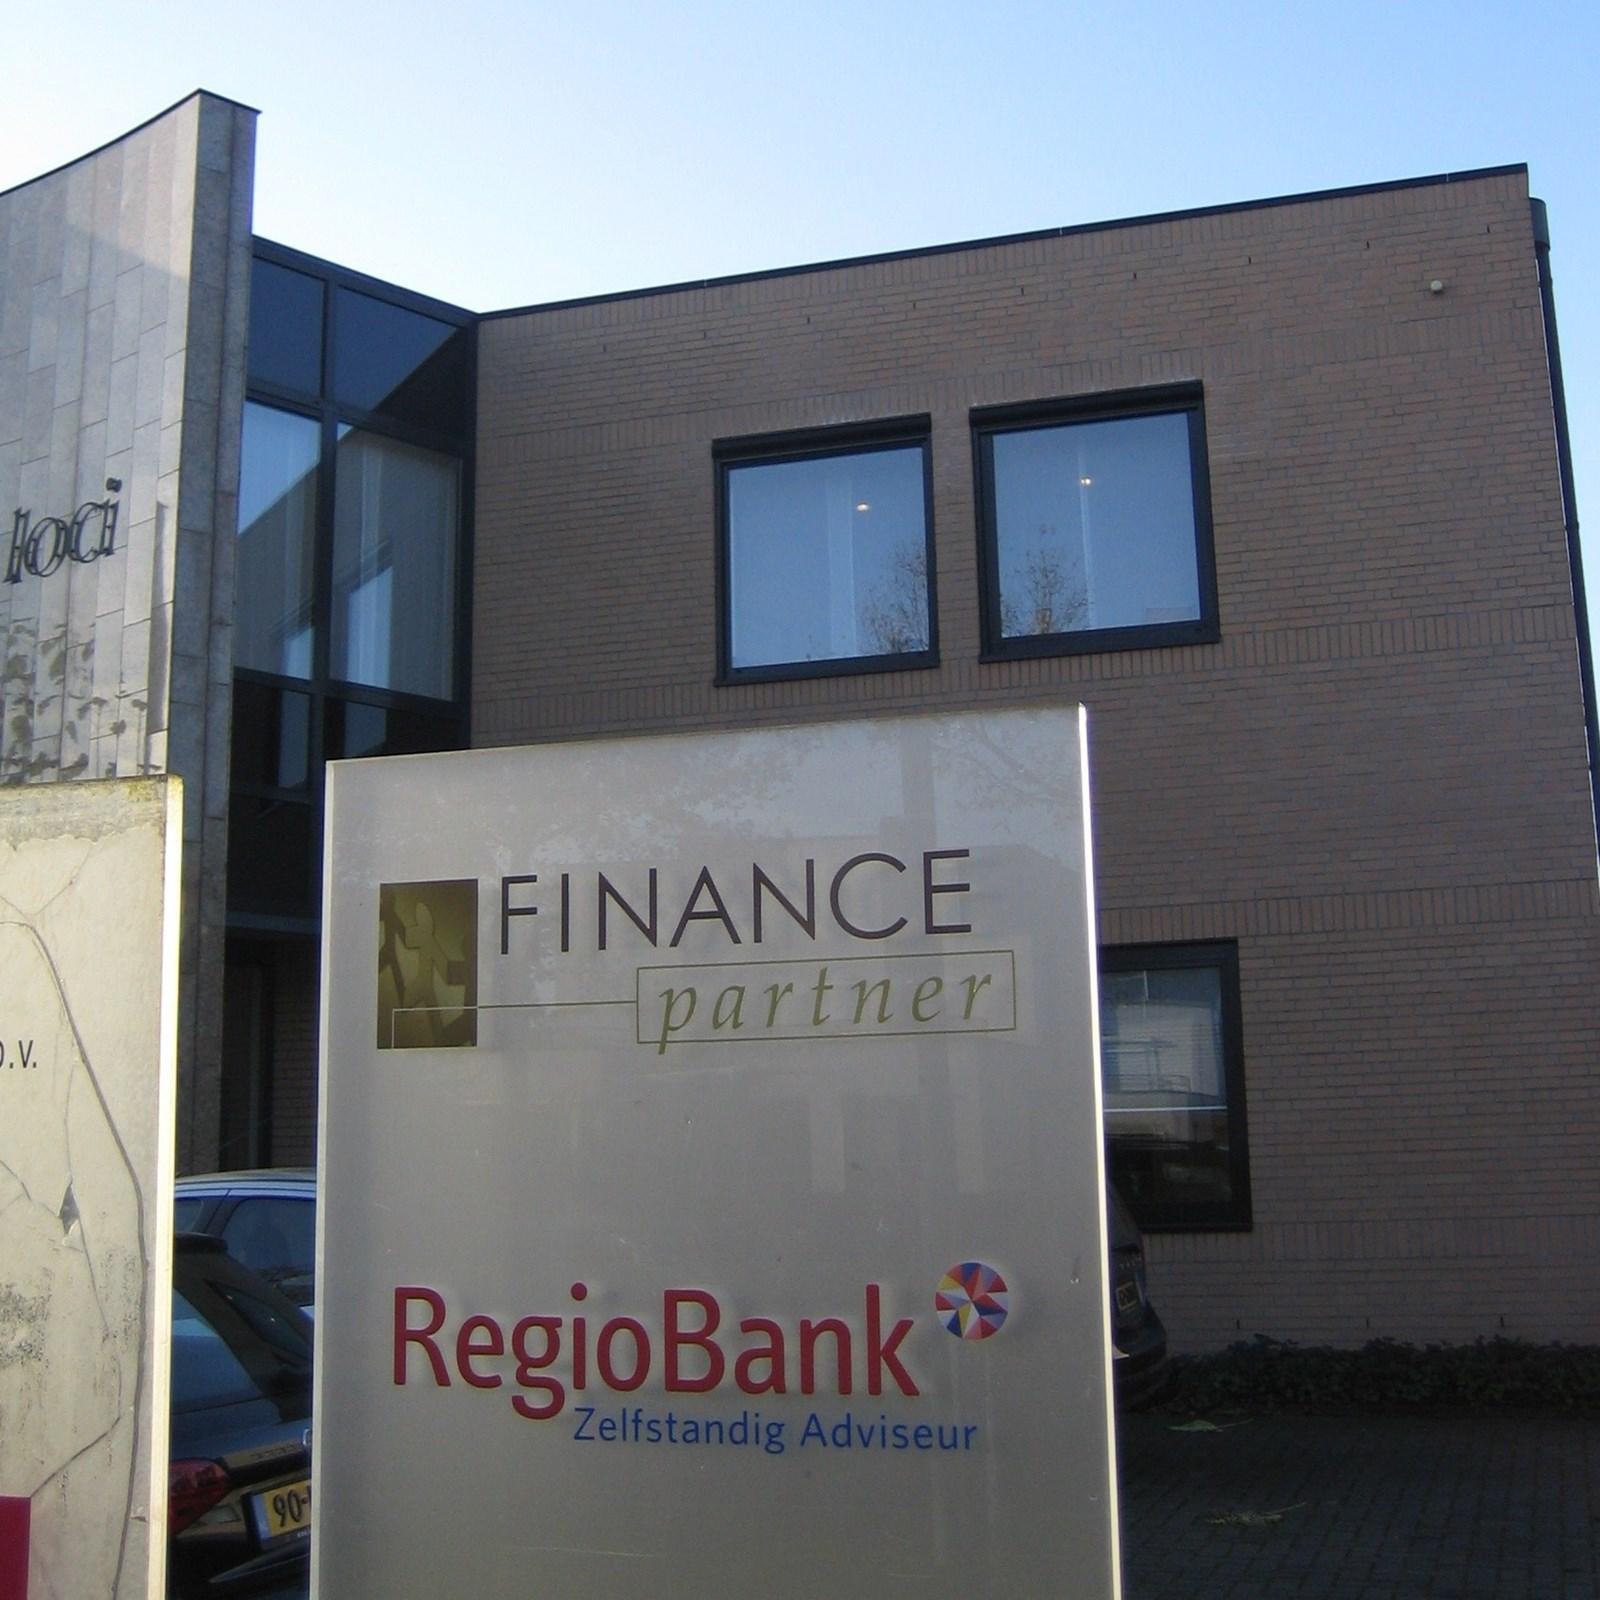 Finance Partner